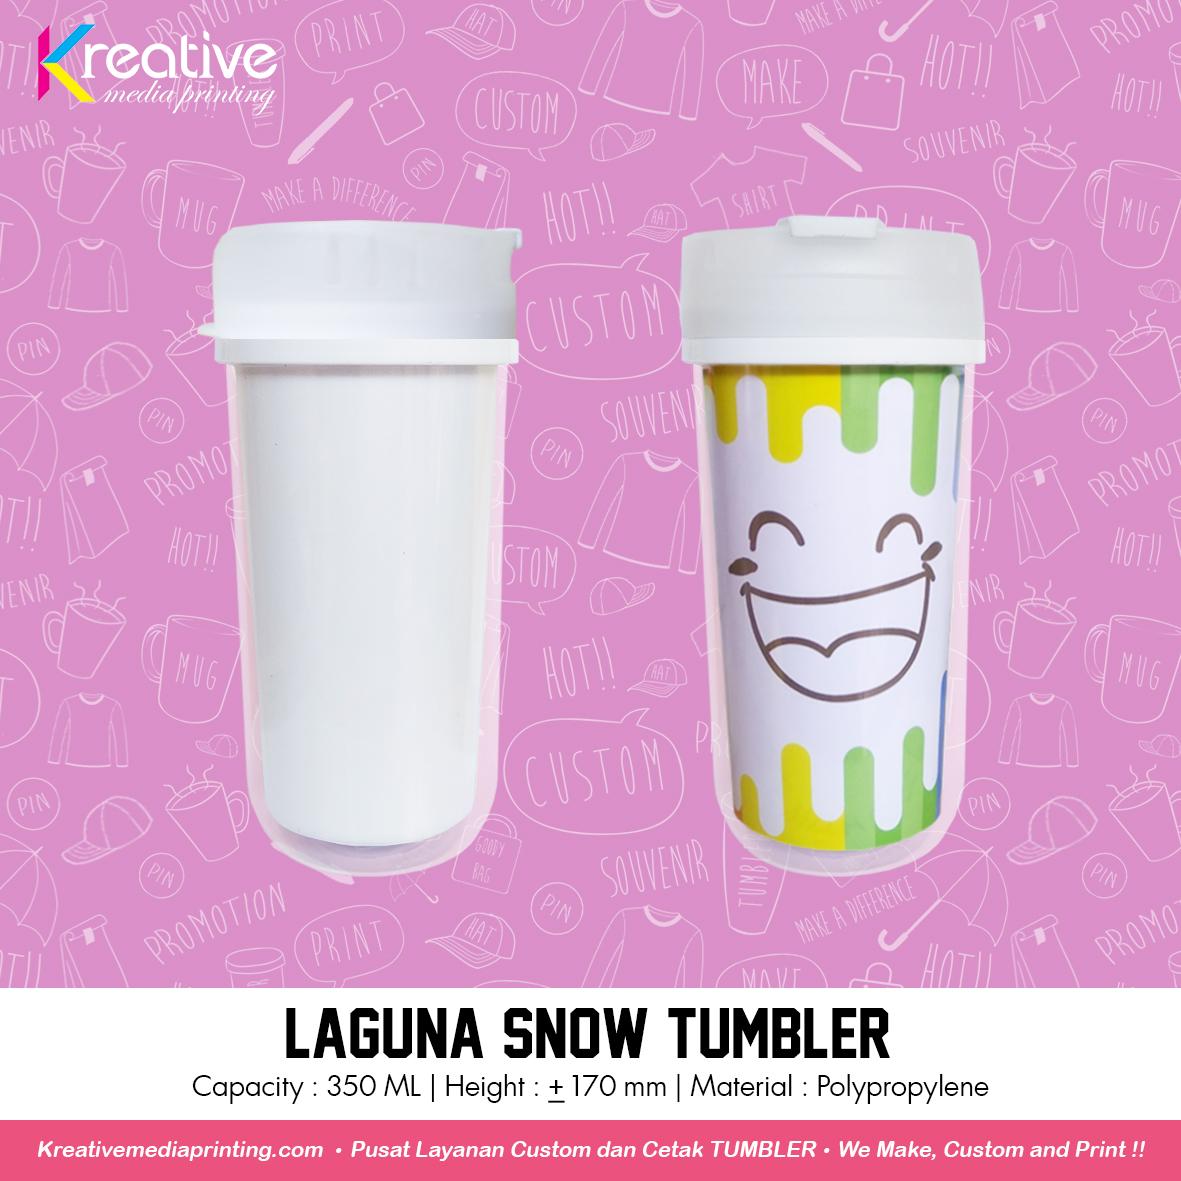 Laguna Snow Tumbler (1)